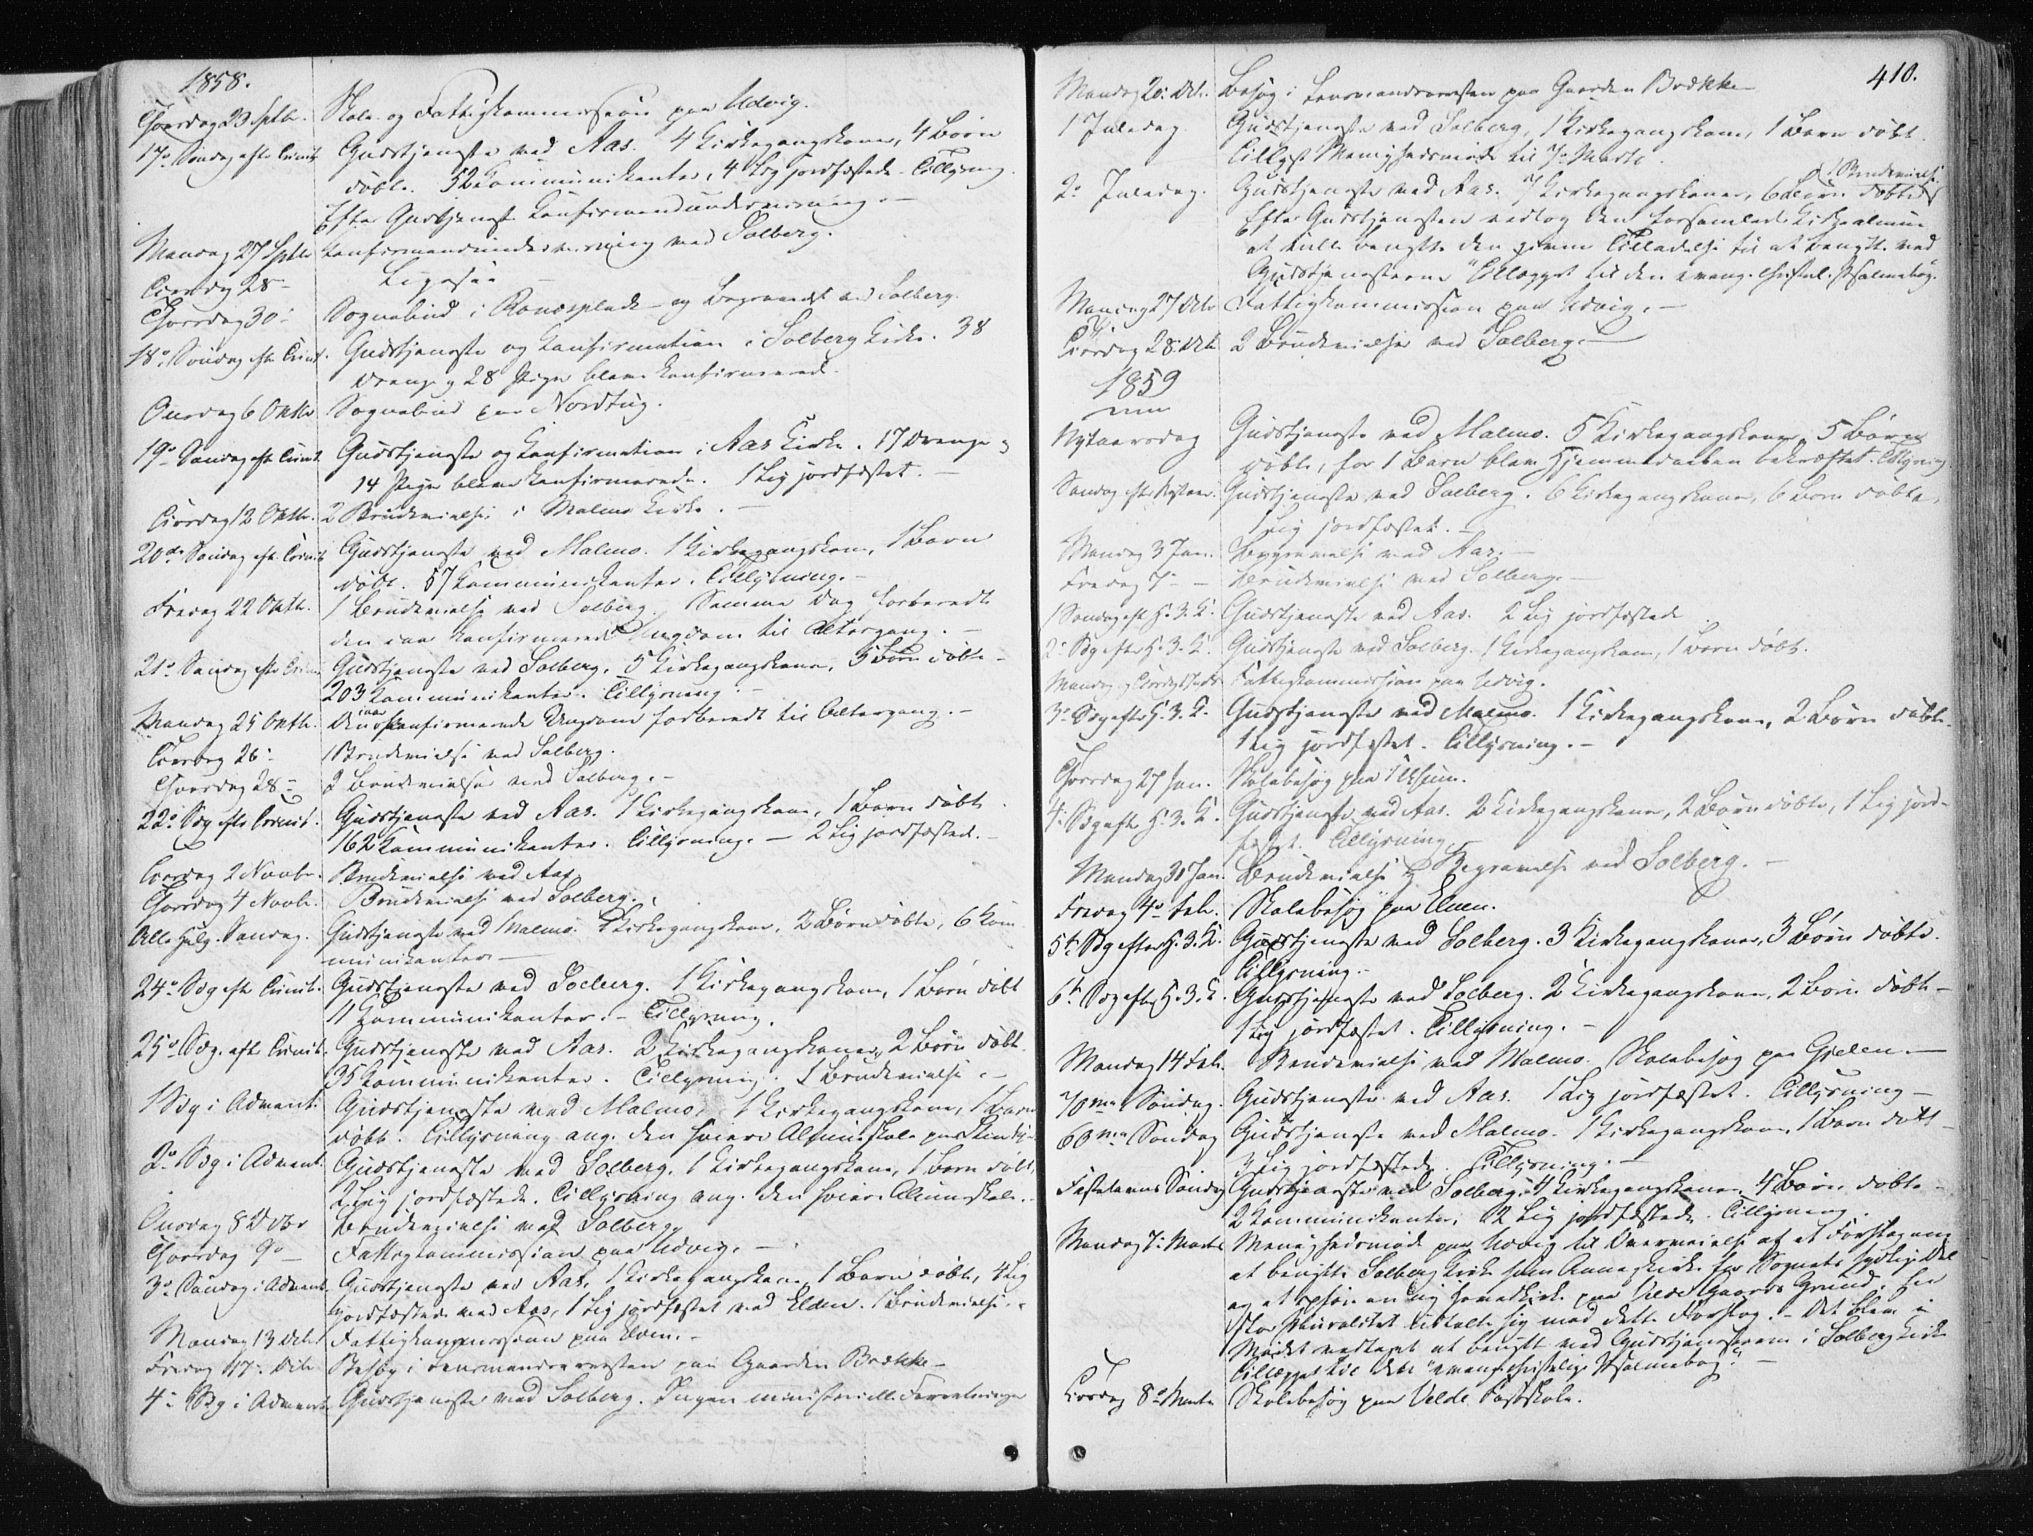 SAT, Ministerialprotokoller, klokkerbøker og fødselsregistre - Nord-Trøndelag, 741/L0393: Ministerialbok nr. 741A07, 1849-1863, s. 410